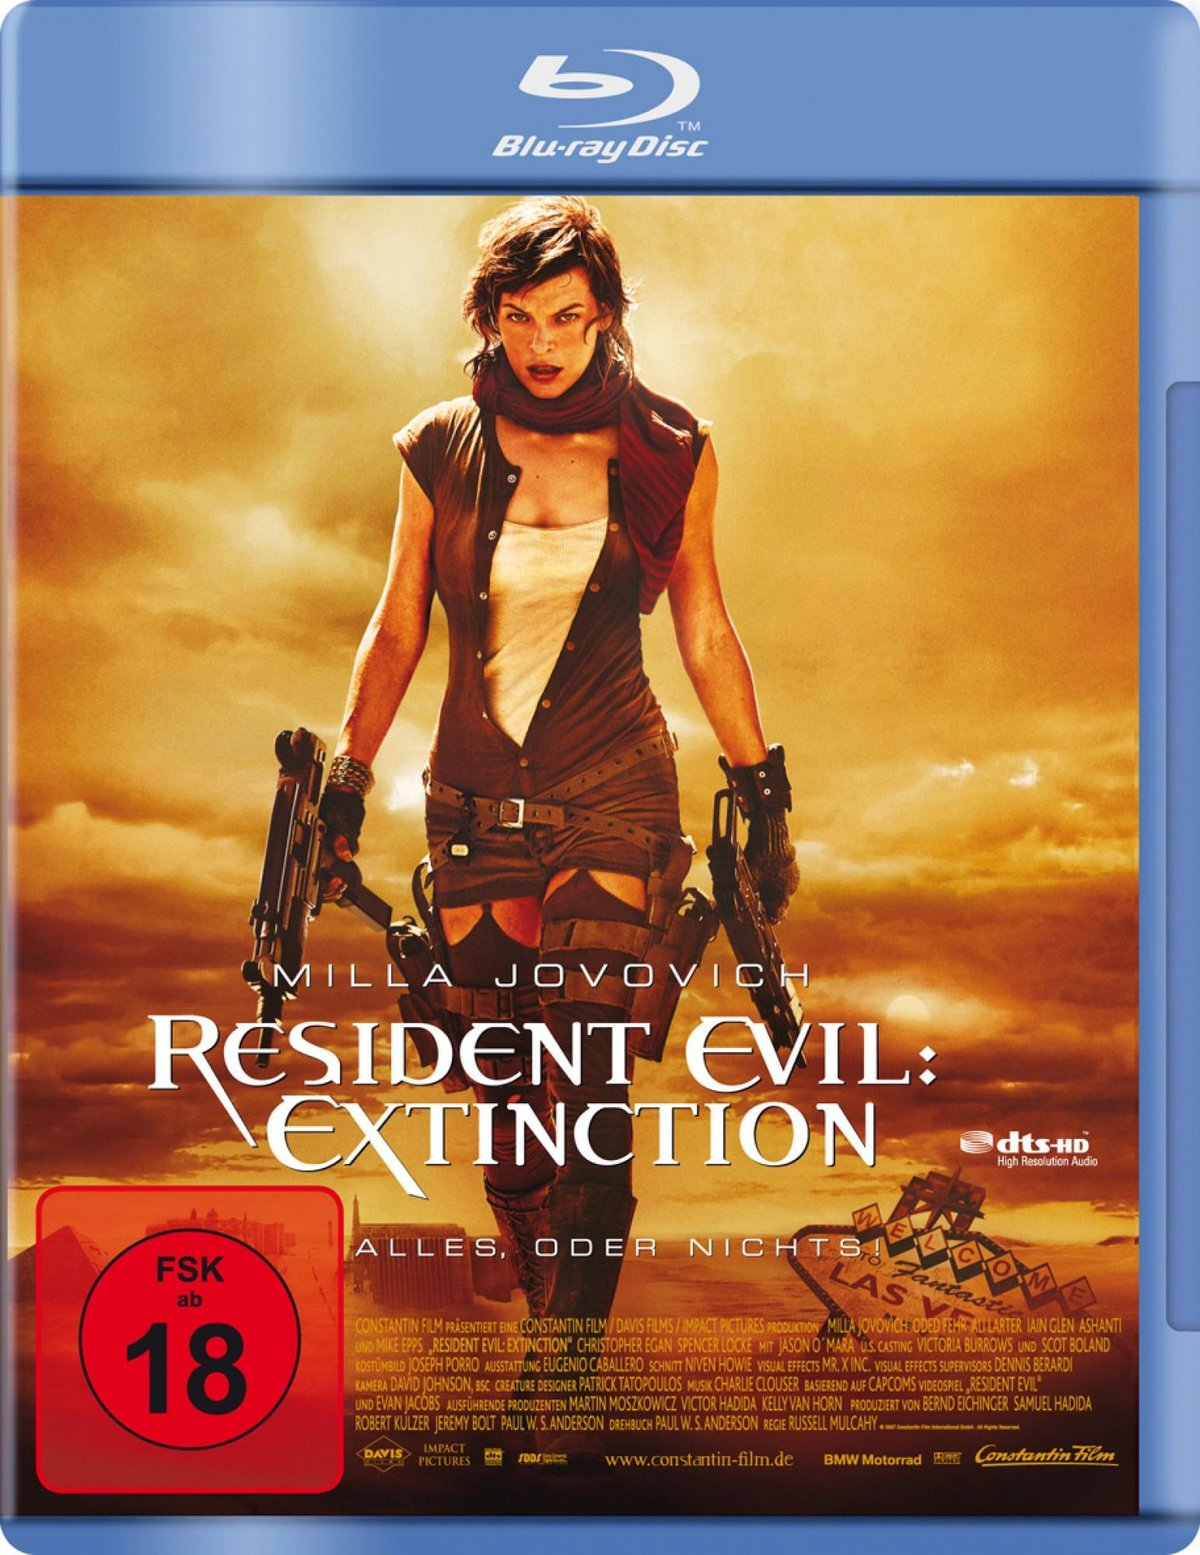 Resident Evil 3 (2007) - Extinction